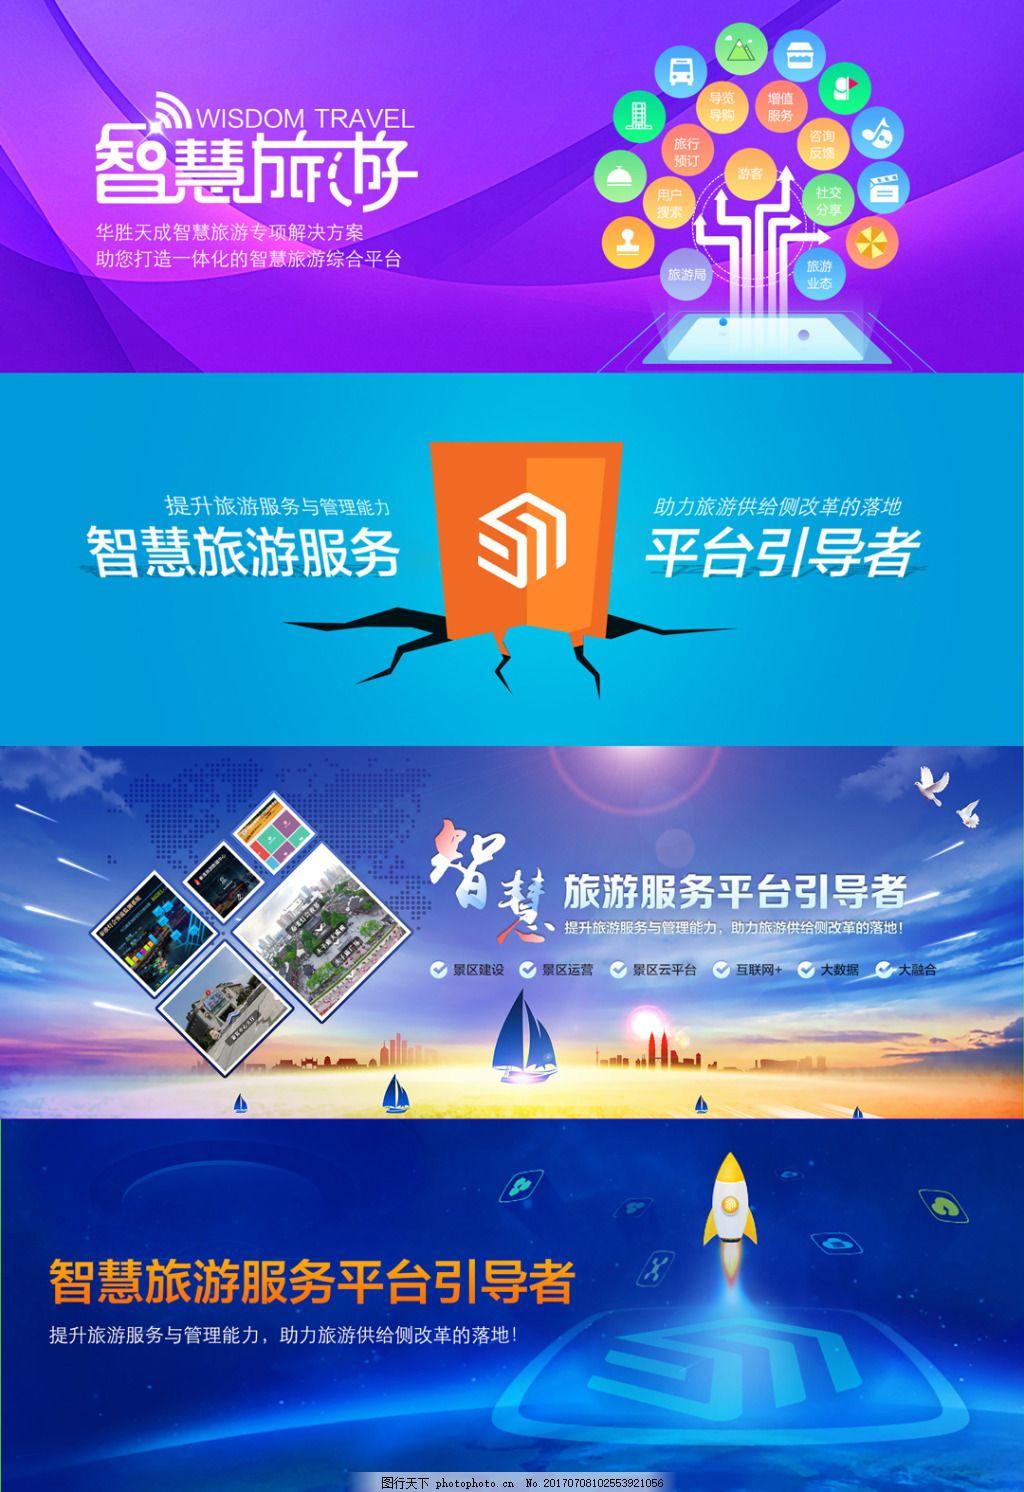 旅游网站广告banner